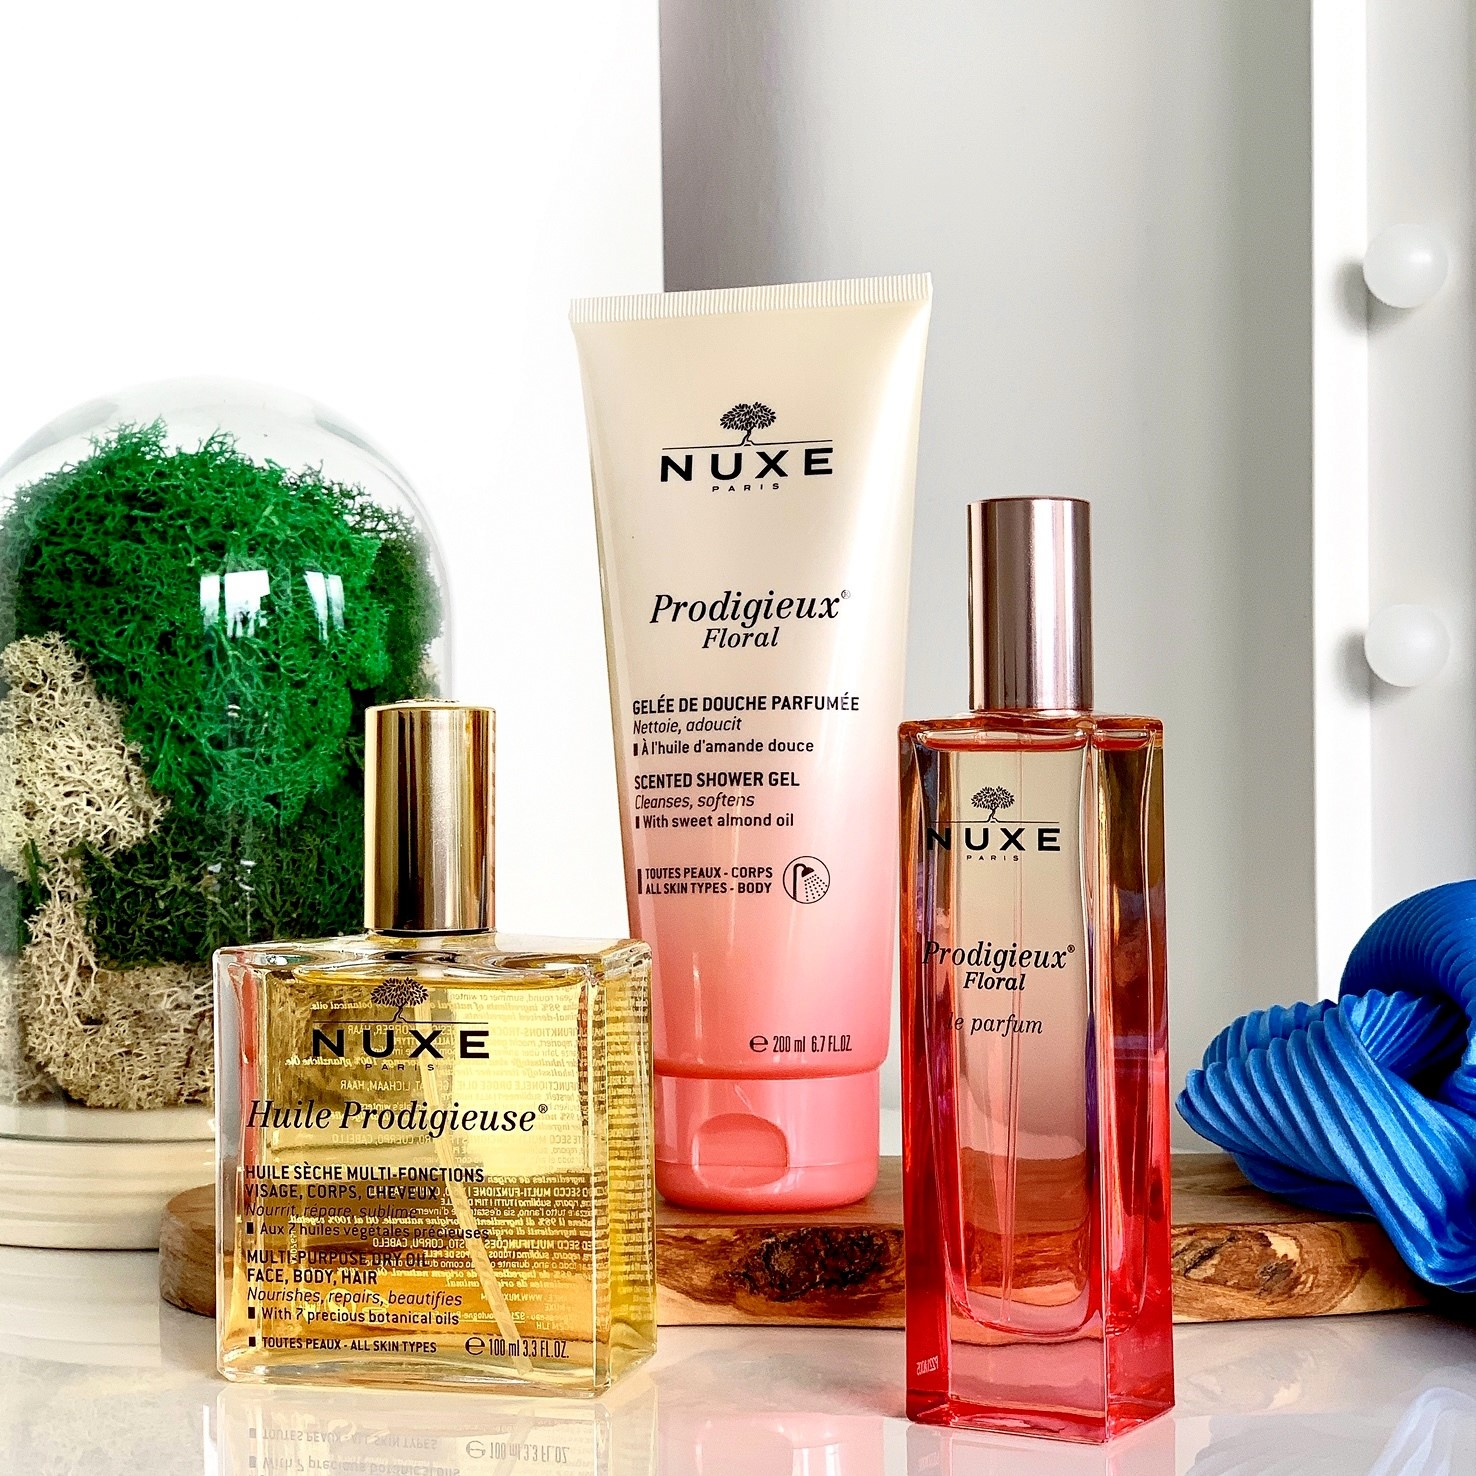 Nuxe Prodigieux Floral le parfum